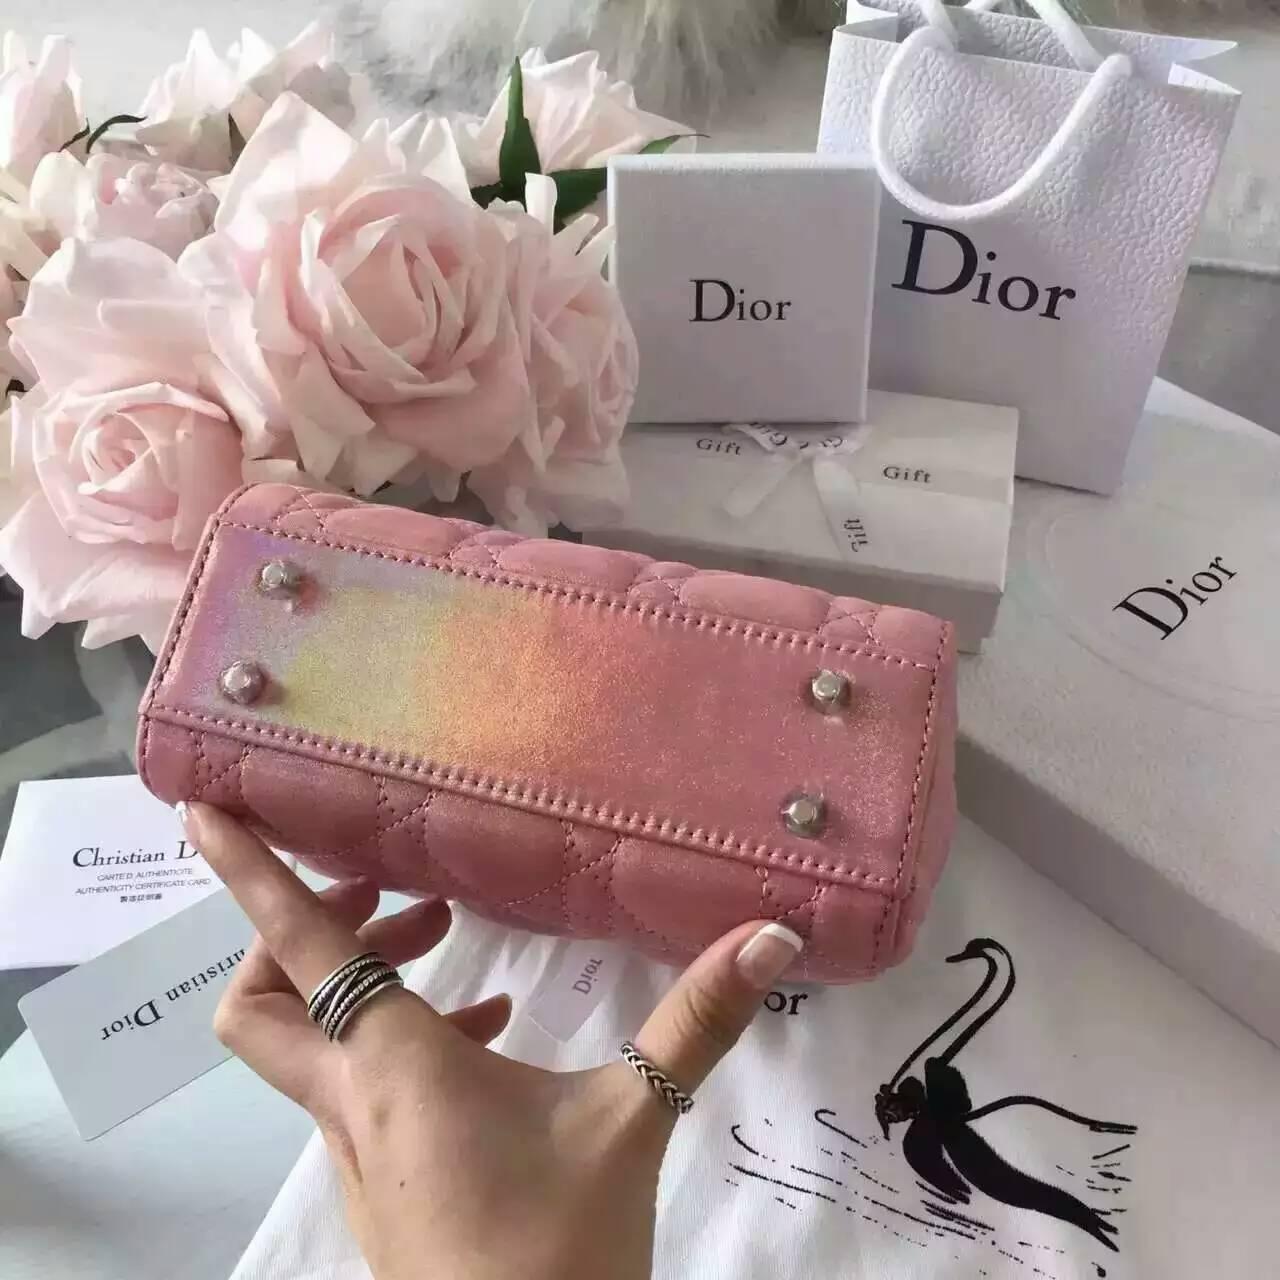 迪奥包包官网 新款珠光布纹小羊皮Lady Dior三格迷你戴妃包17cm